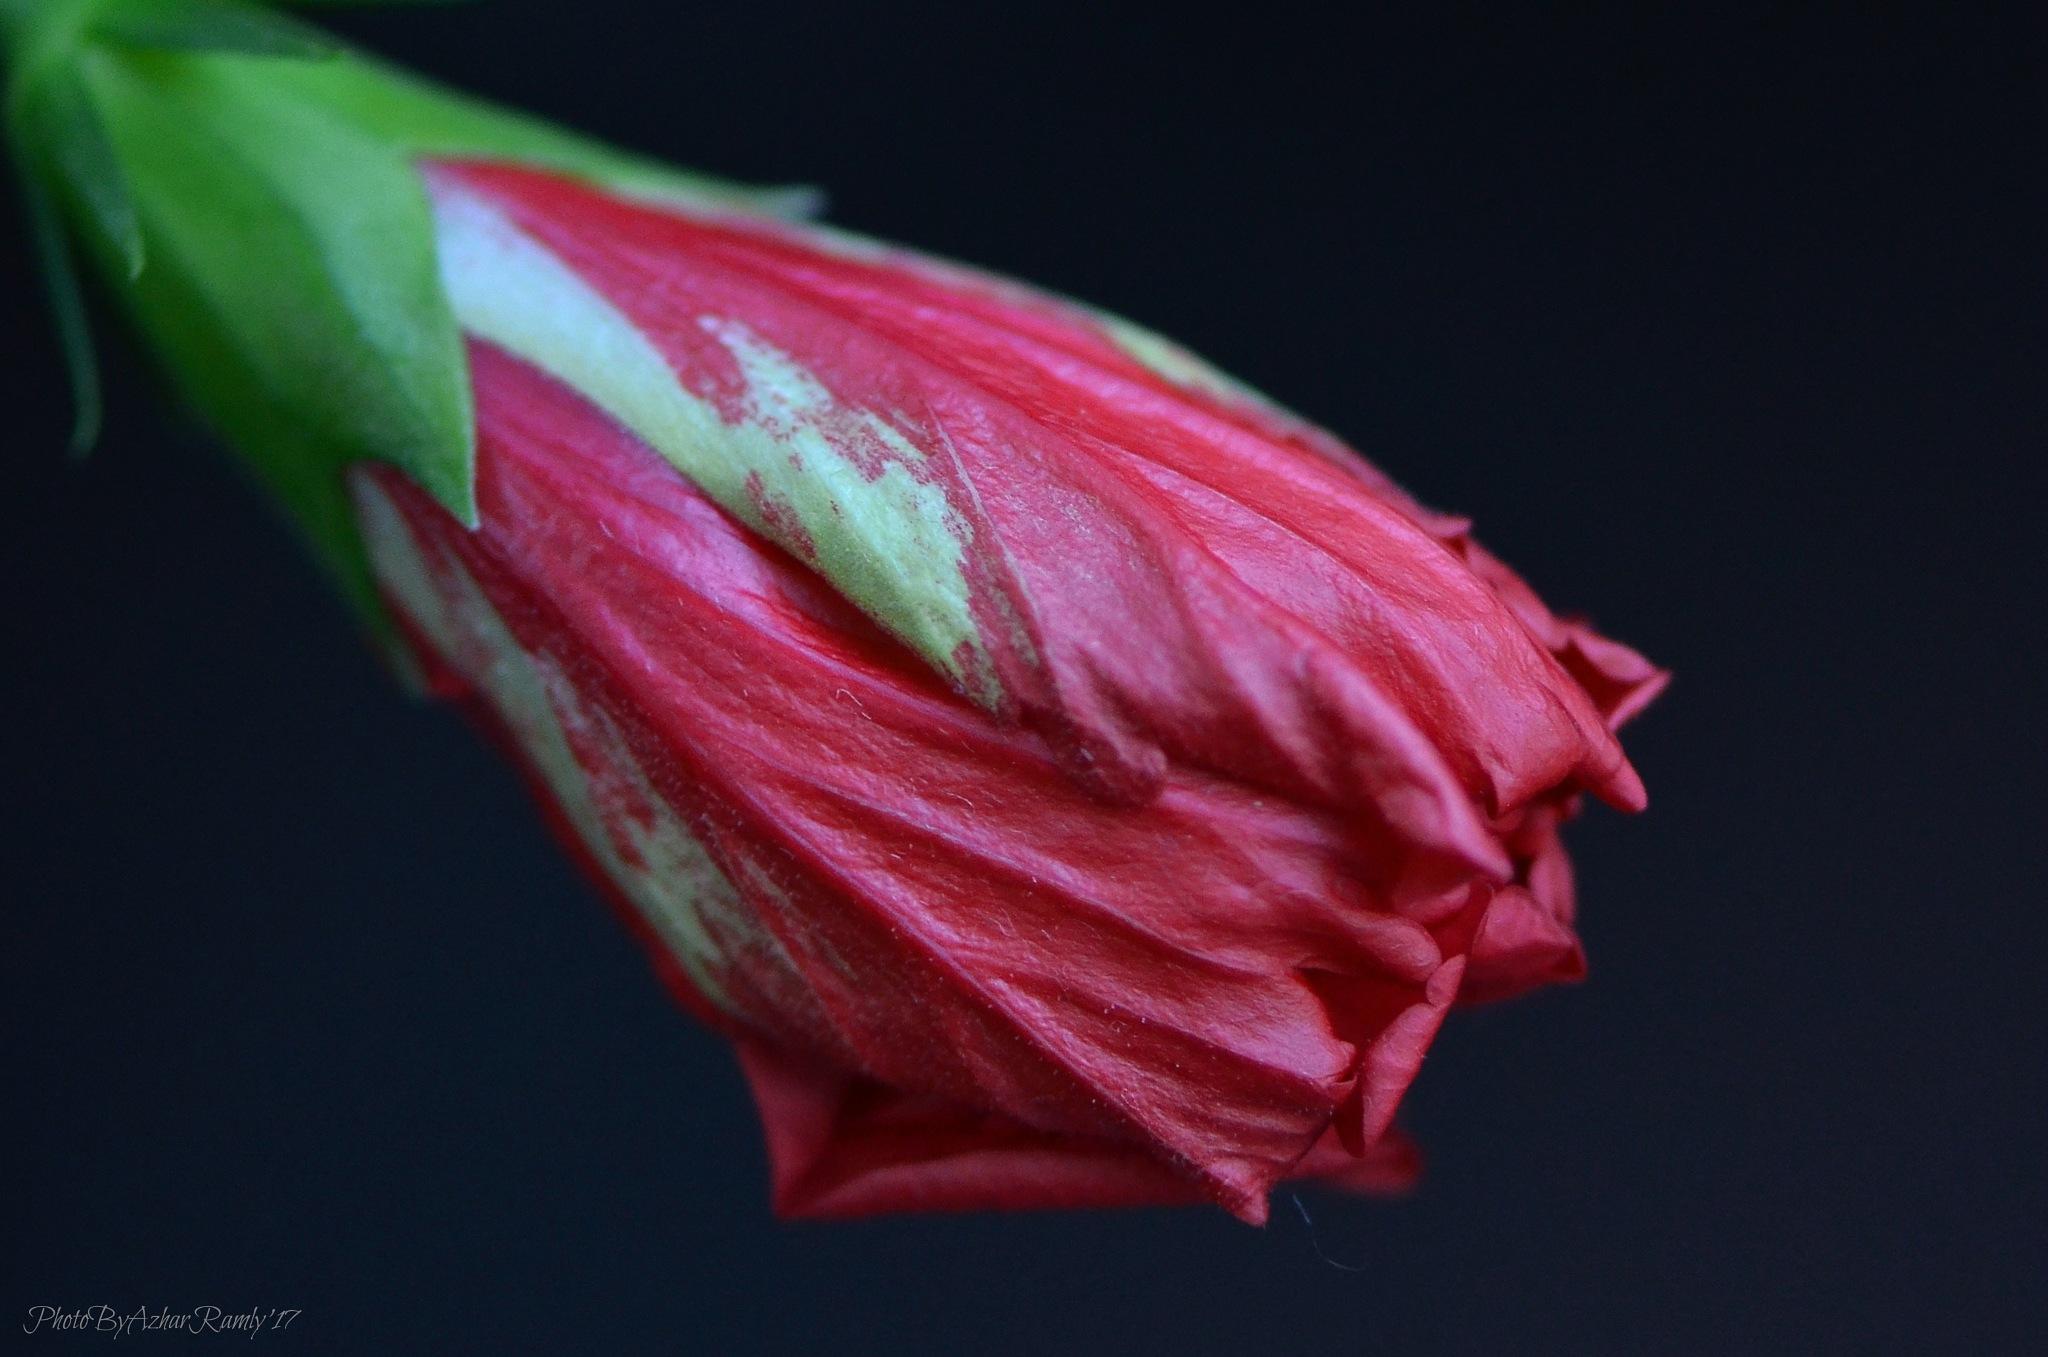 Hibiscus by azharramly